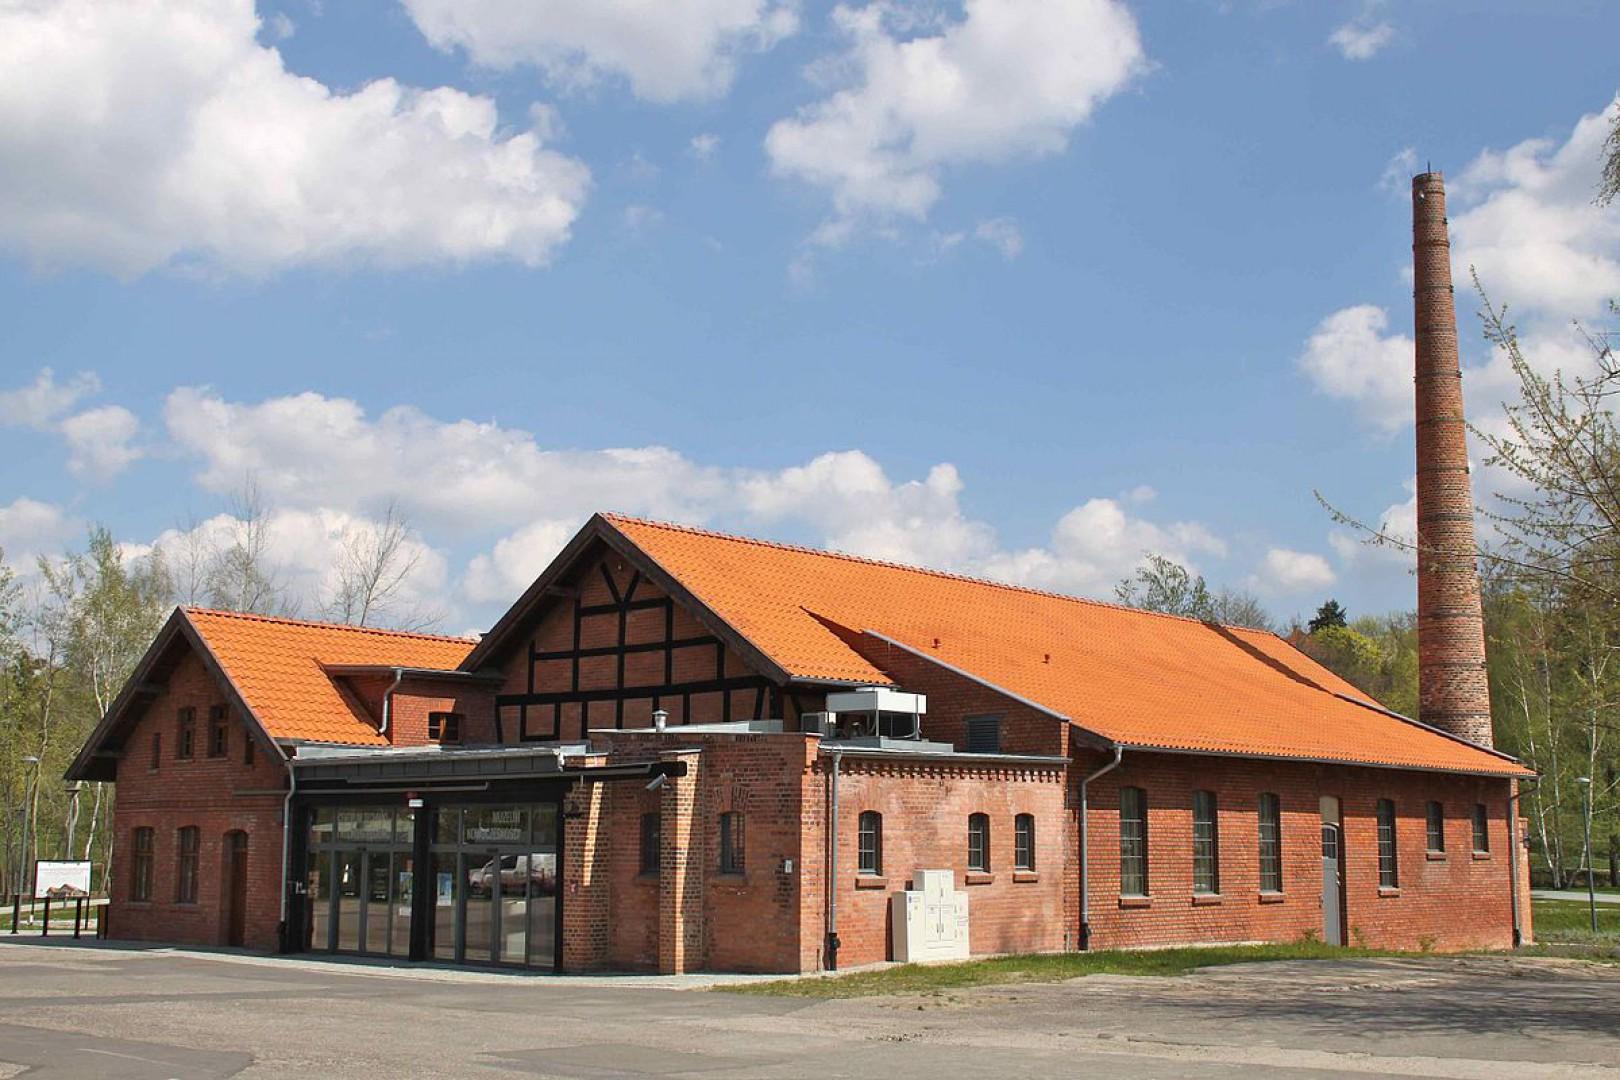 Centrum Techniki i Rozwoju Regionu Muzeum Nowoczesności Miejskiego Ośrodka Kultury w Olsztynie. Fot. Wikipedia